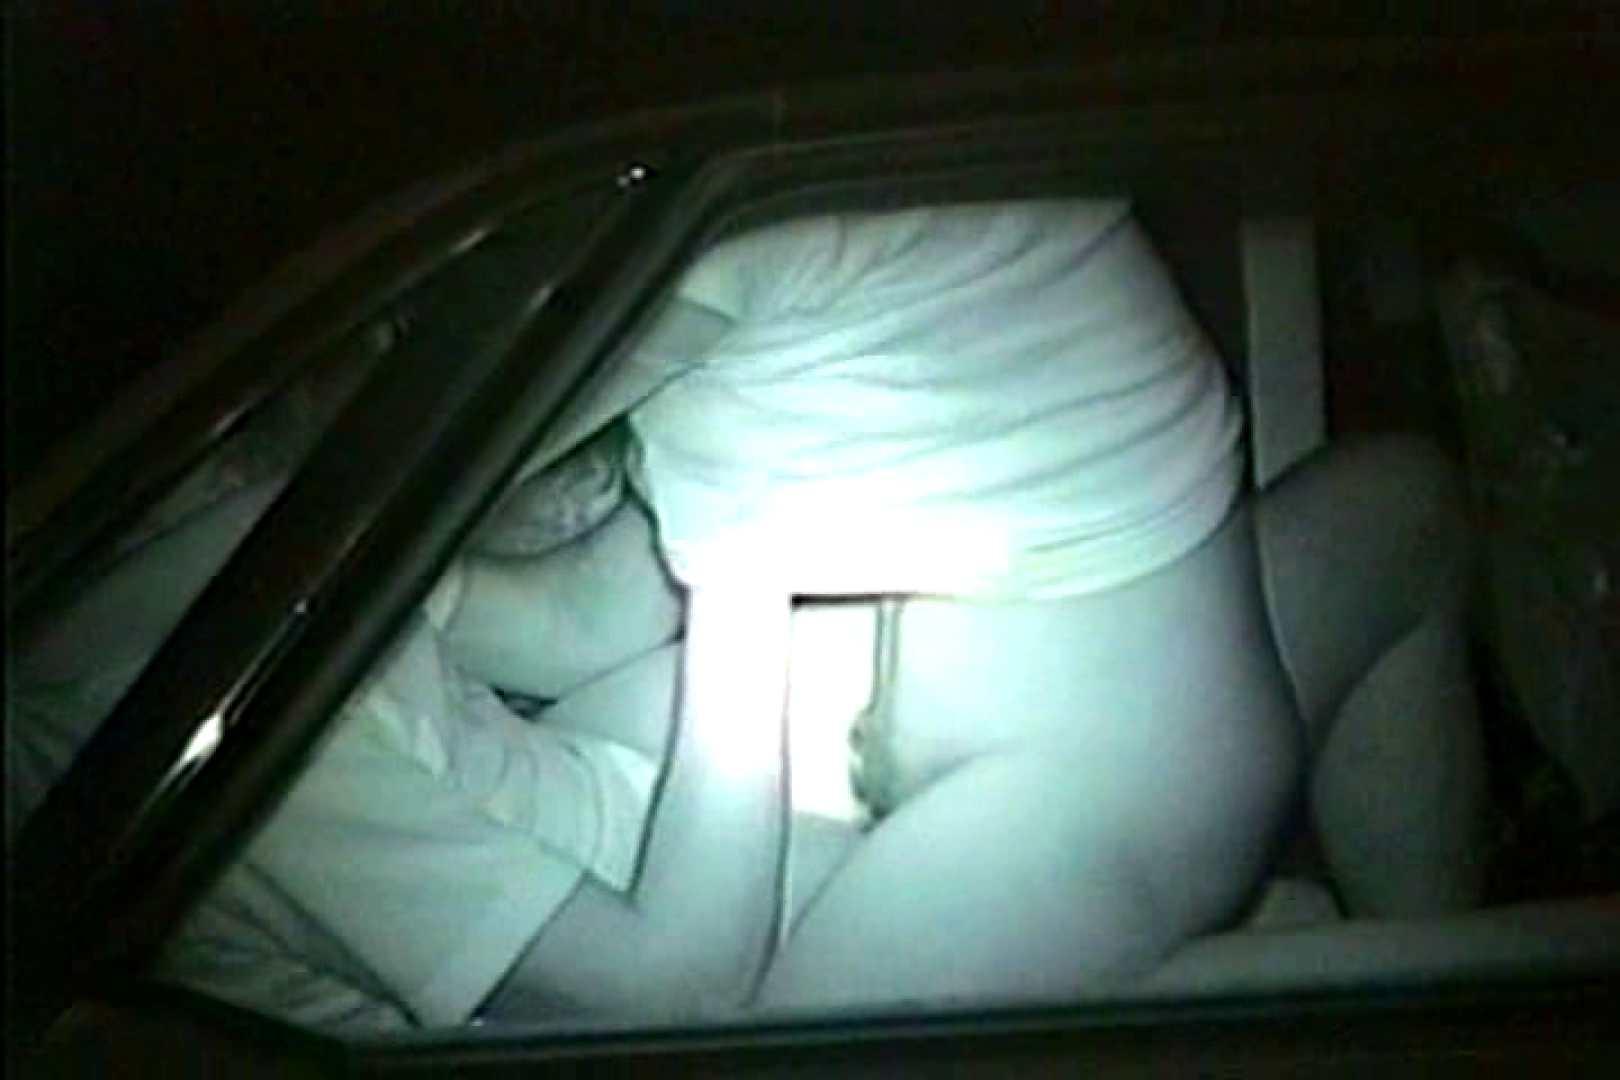 車の中はラブホテル 無修正版  Vol.6 HなOL 性交動画流出 104pic 18